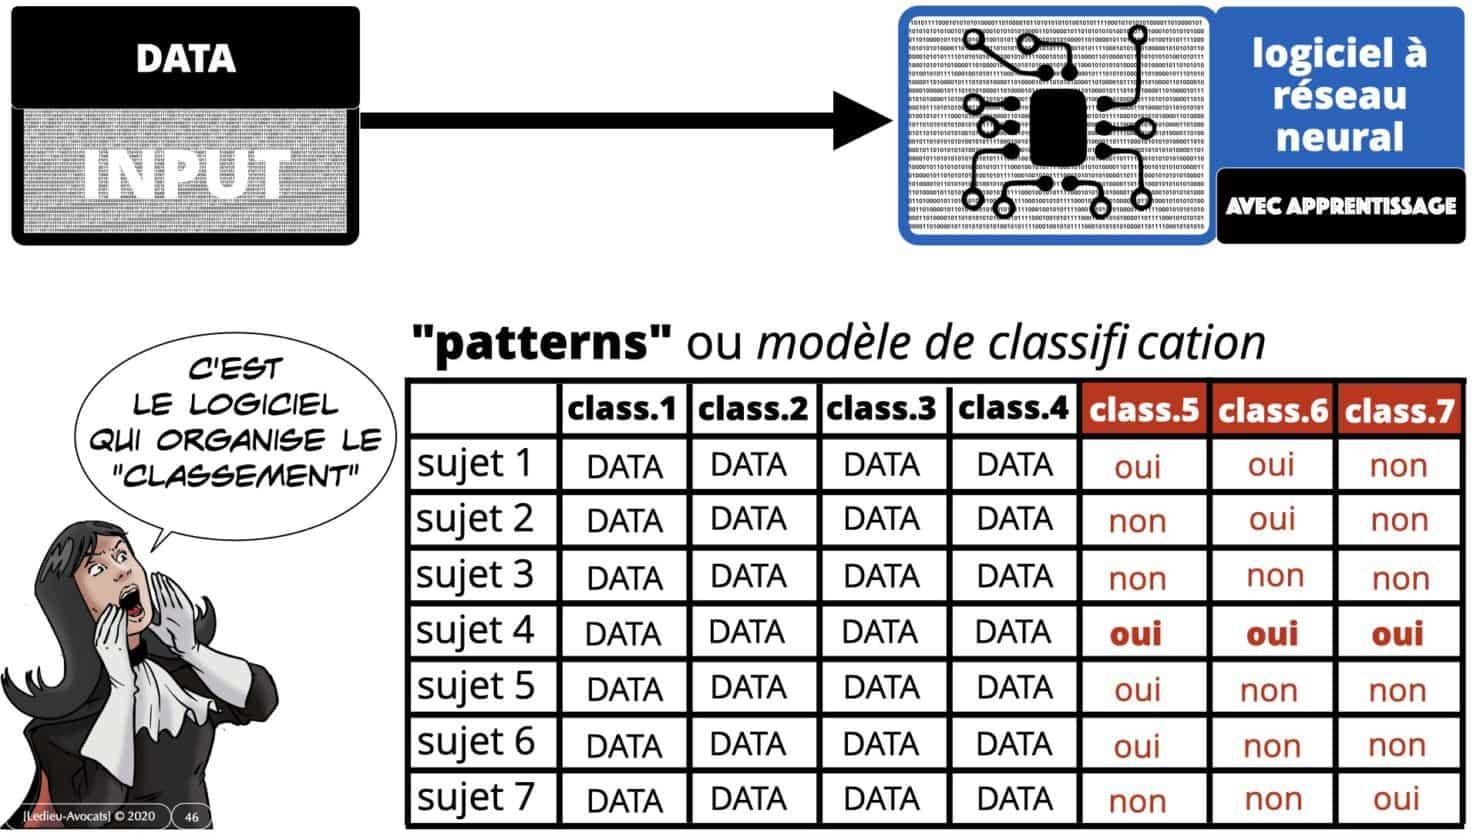 deep learning et patterns (modèles de classification)